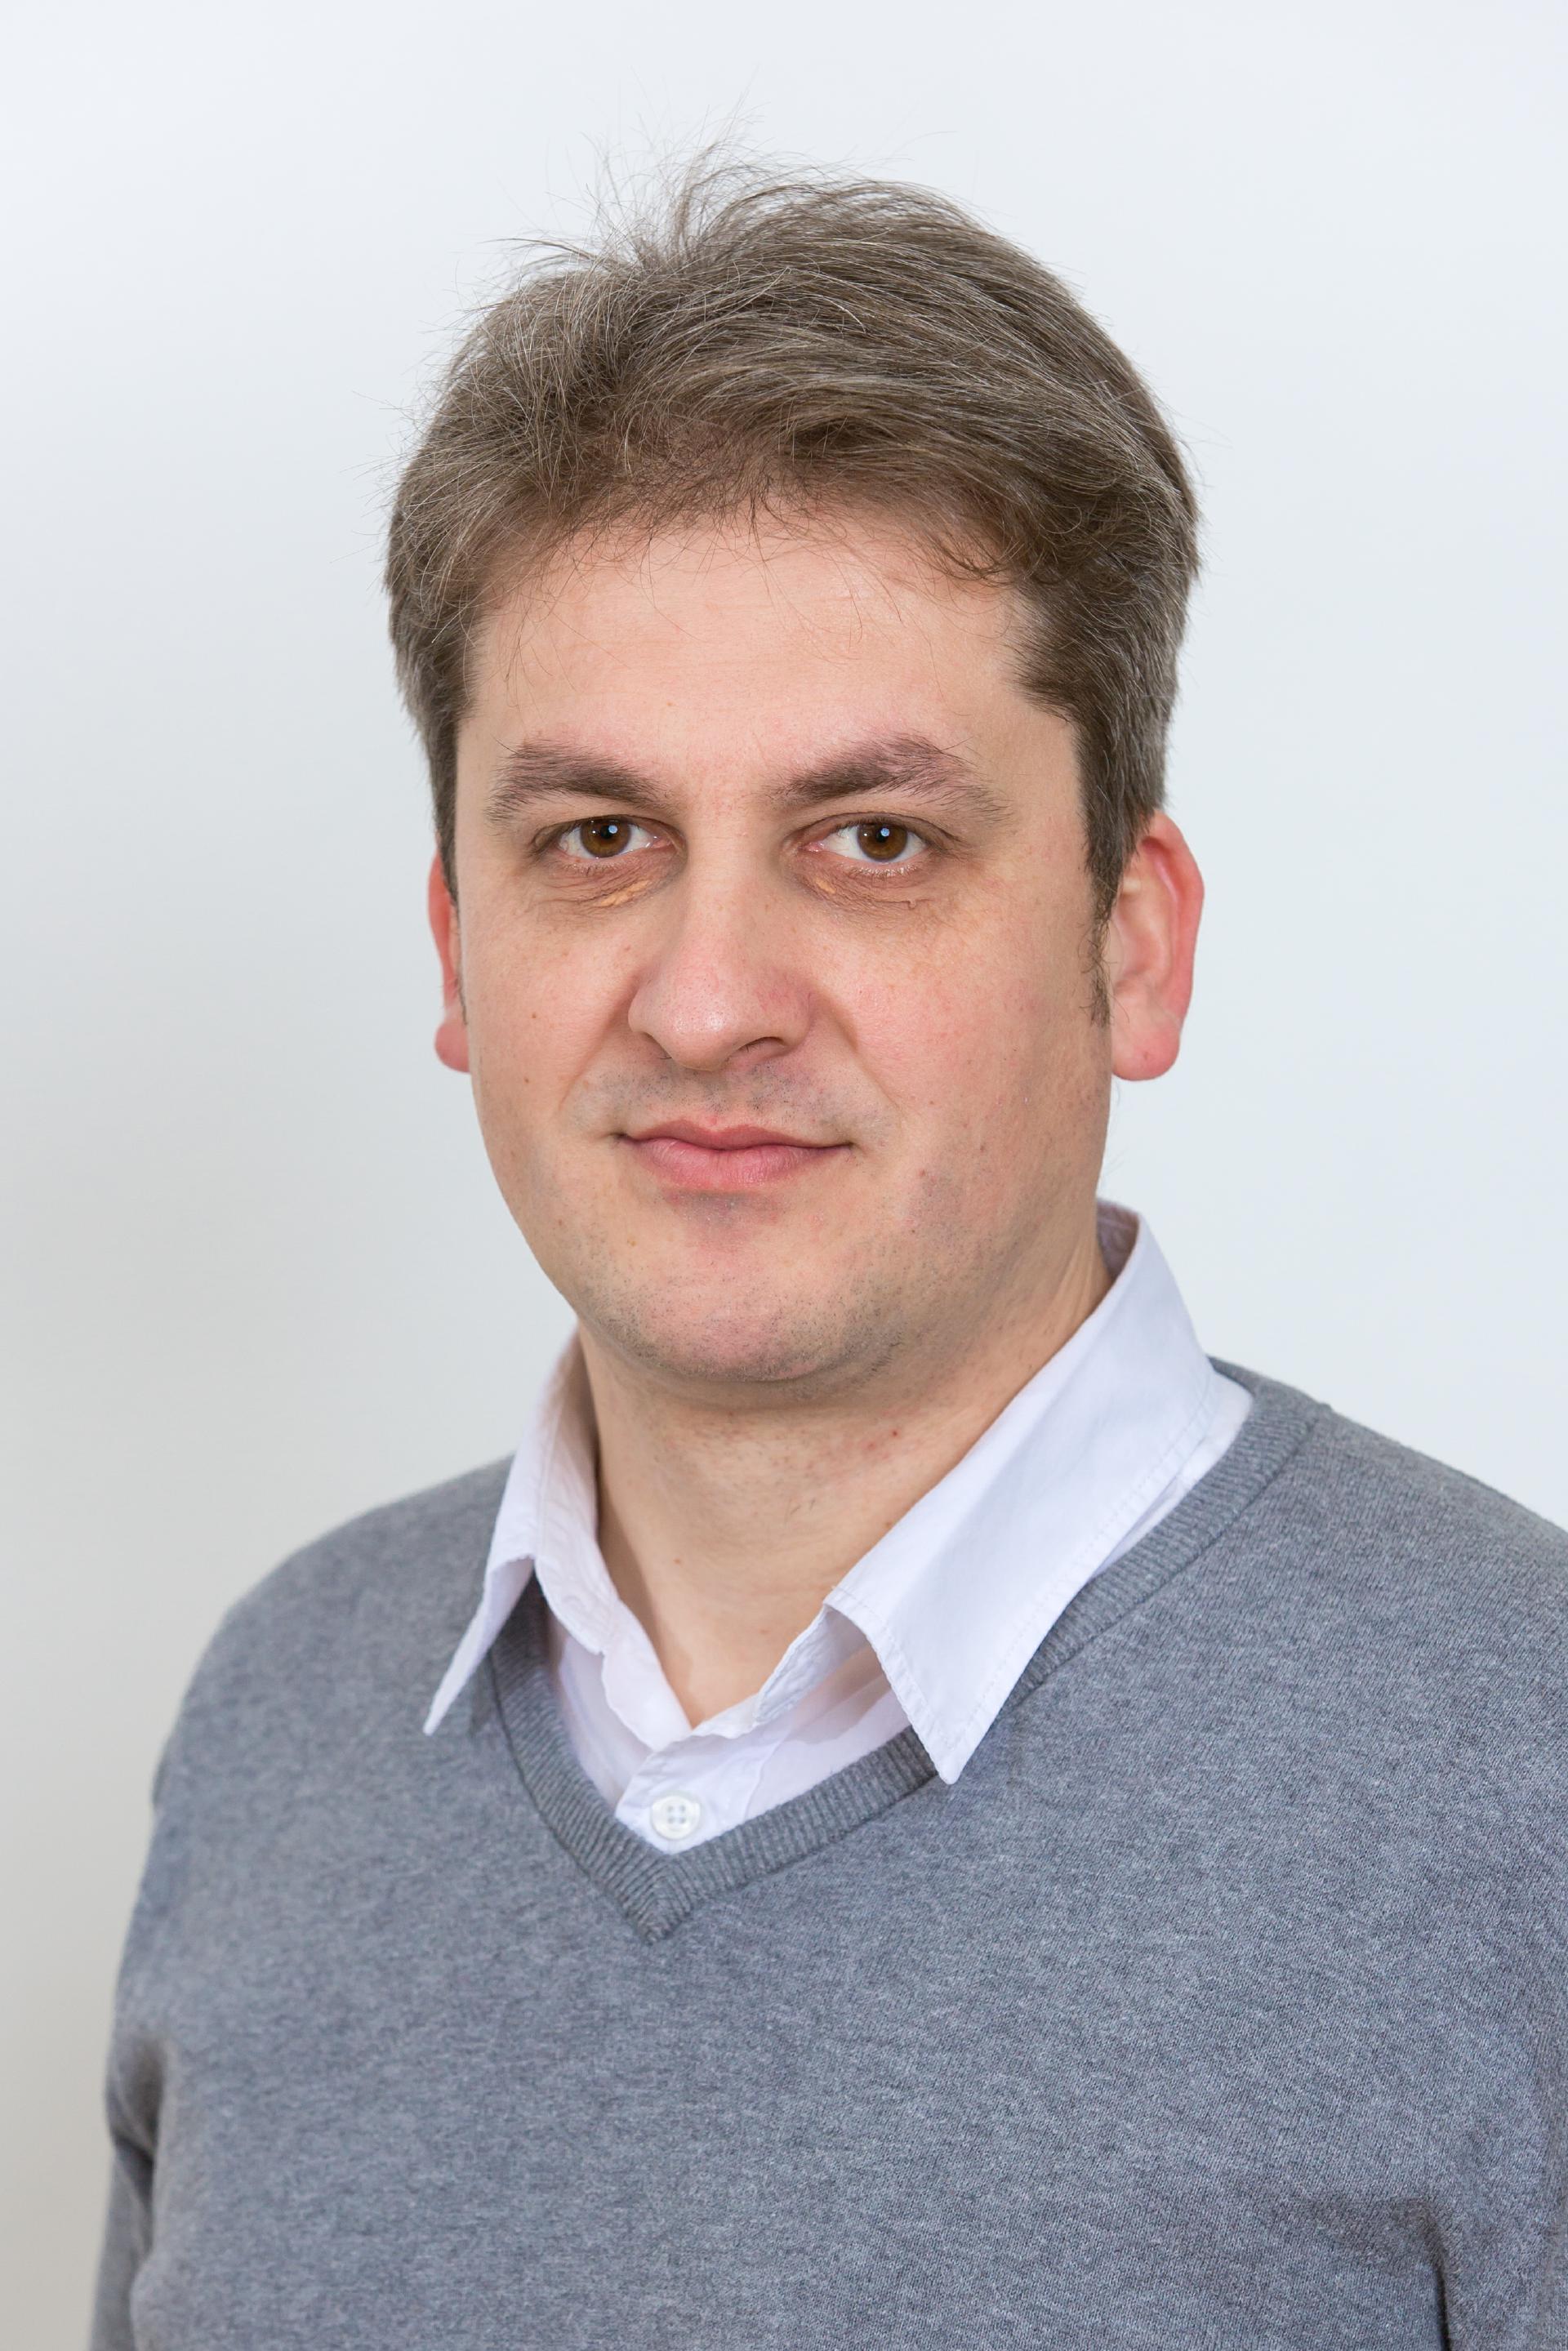 Projektleiter für Projekt 'Hotel Bayrischer Hof - Sprinkler für denkmalgeschütztes Hotel'